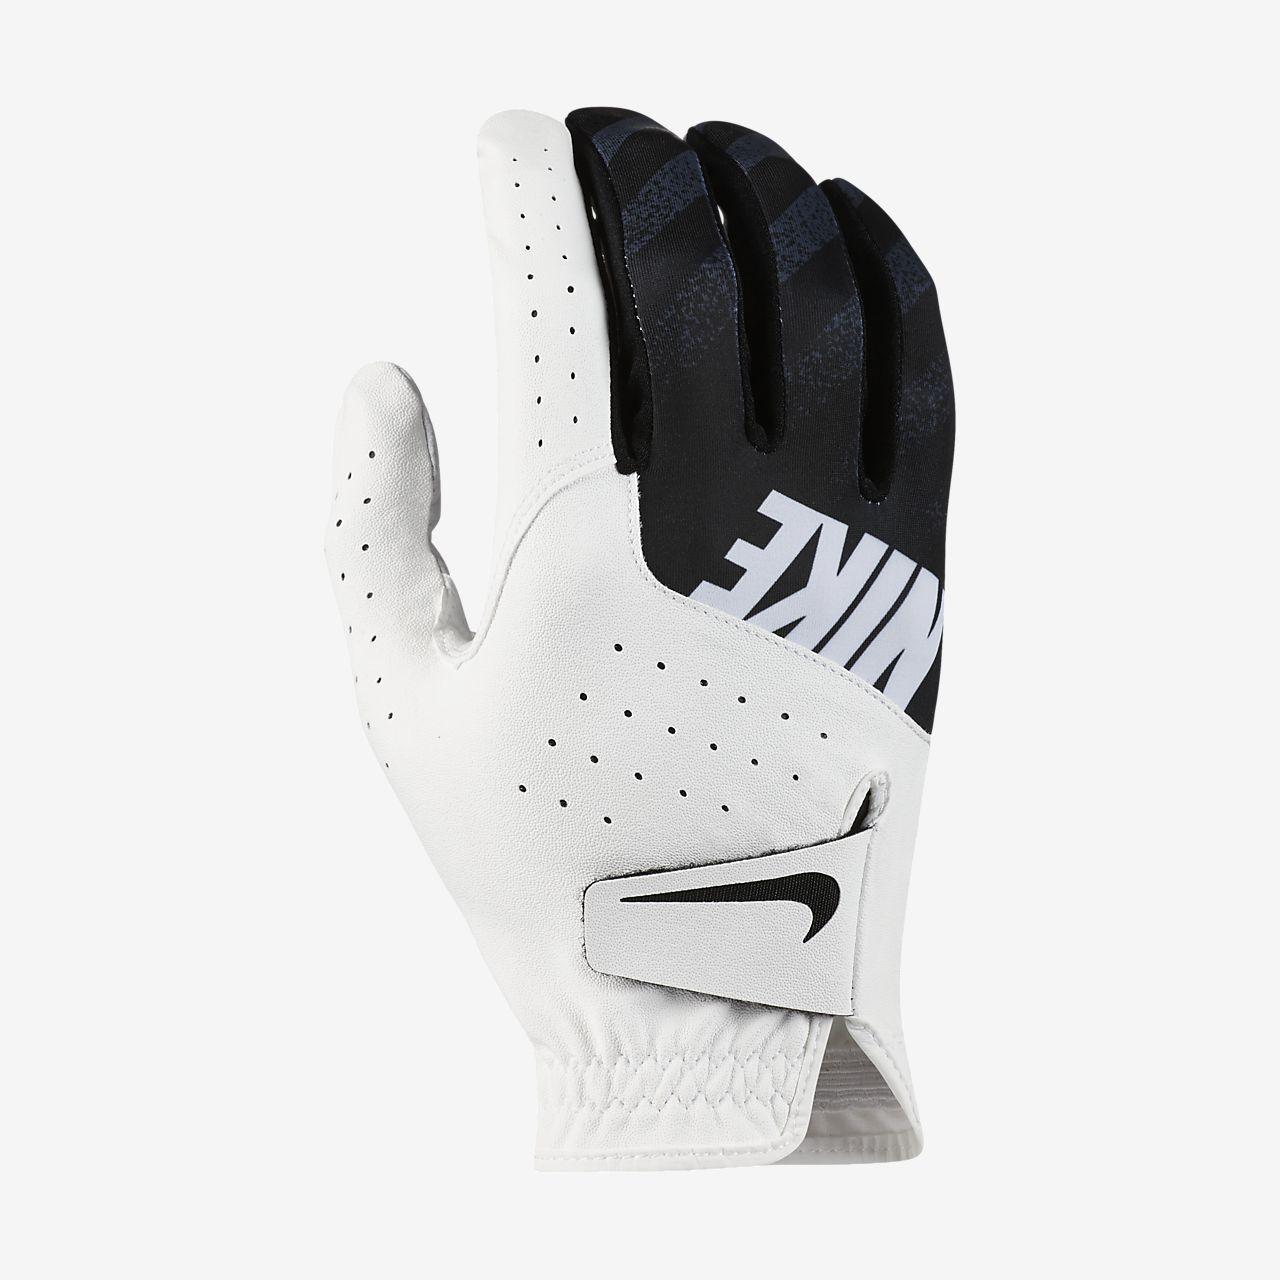 Nike Sport - golfhandske til mænd (højre, almindelig)